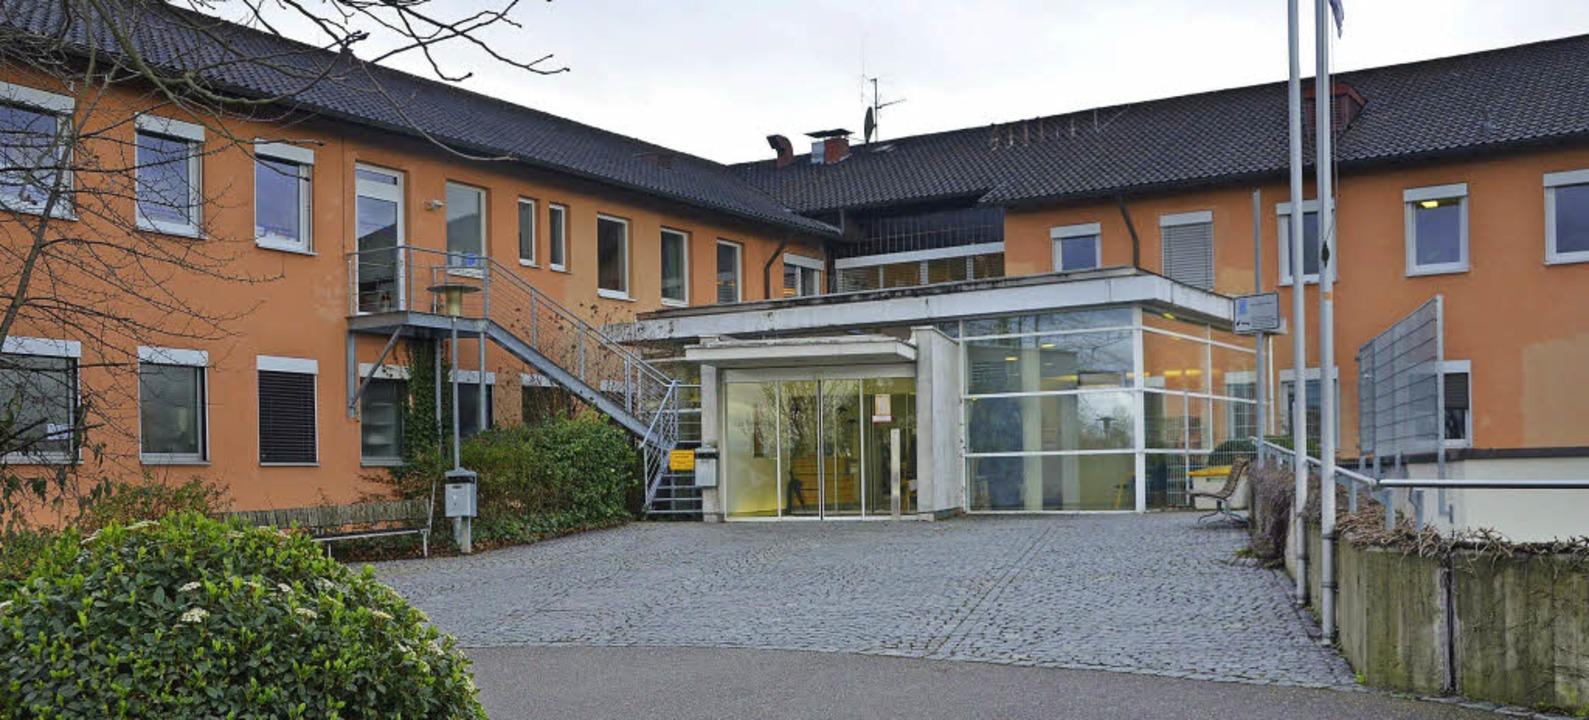 500000 Euro wurden in die Modernisieru...en Brandschutz der Klinik investiert.     Foto: Agnes Pohrt